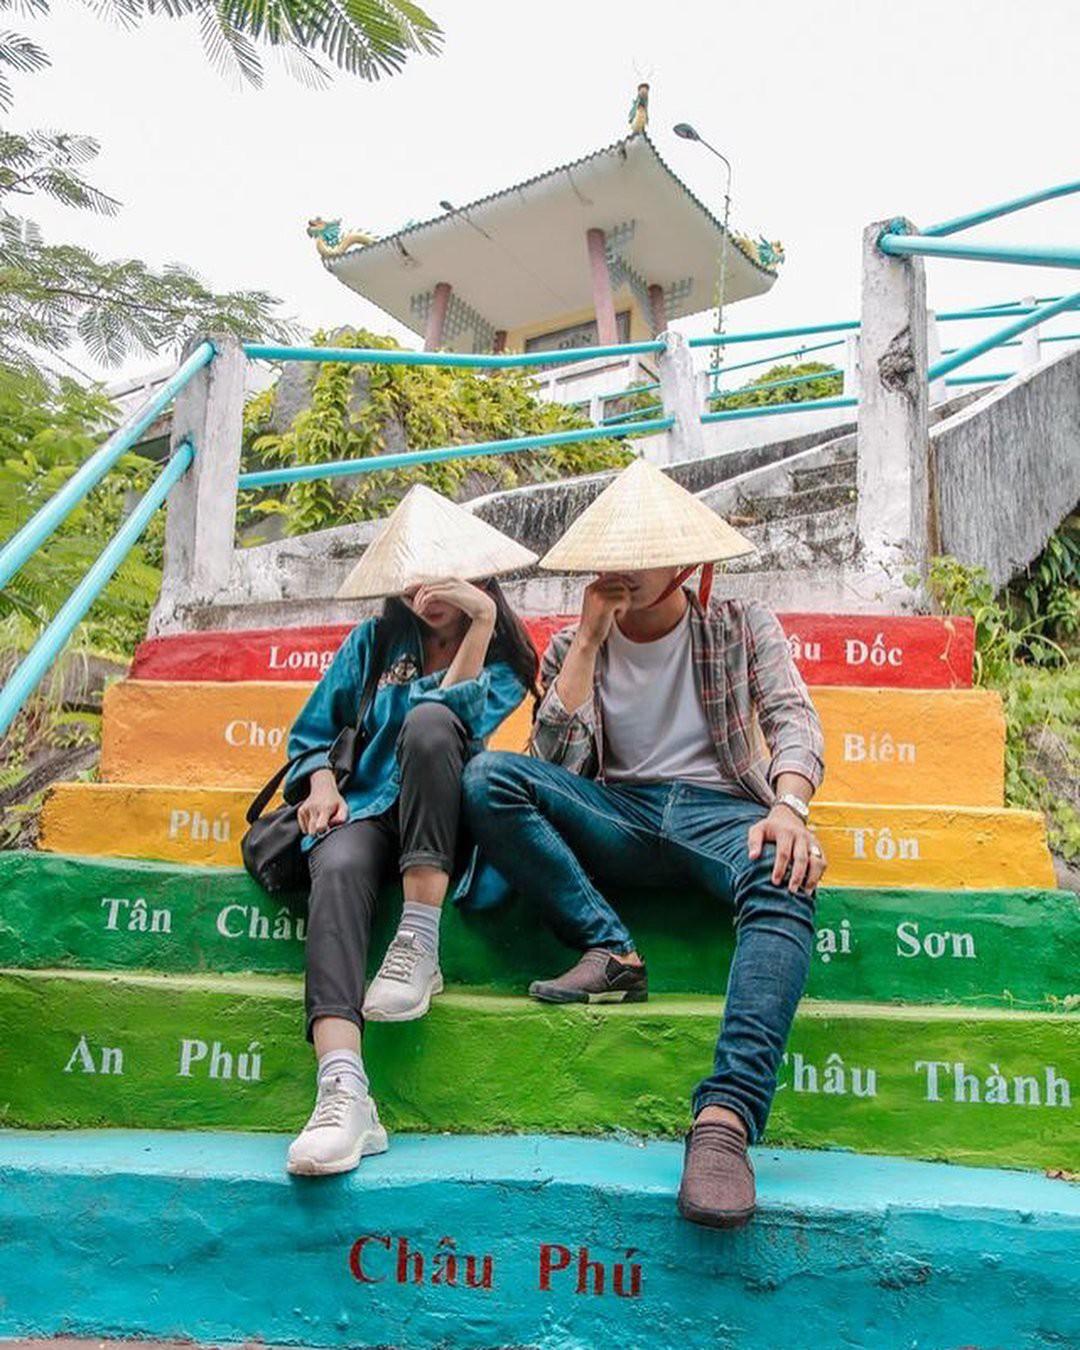 Chưa đến Trung Quốc ngắm Vạn Lý Trường Thành cũng đừng buồn, Việt Nam có hẳn 5 phiên bản rất đáng để check-in đây này! - Ảnh 26.